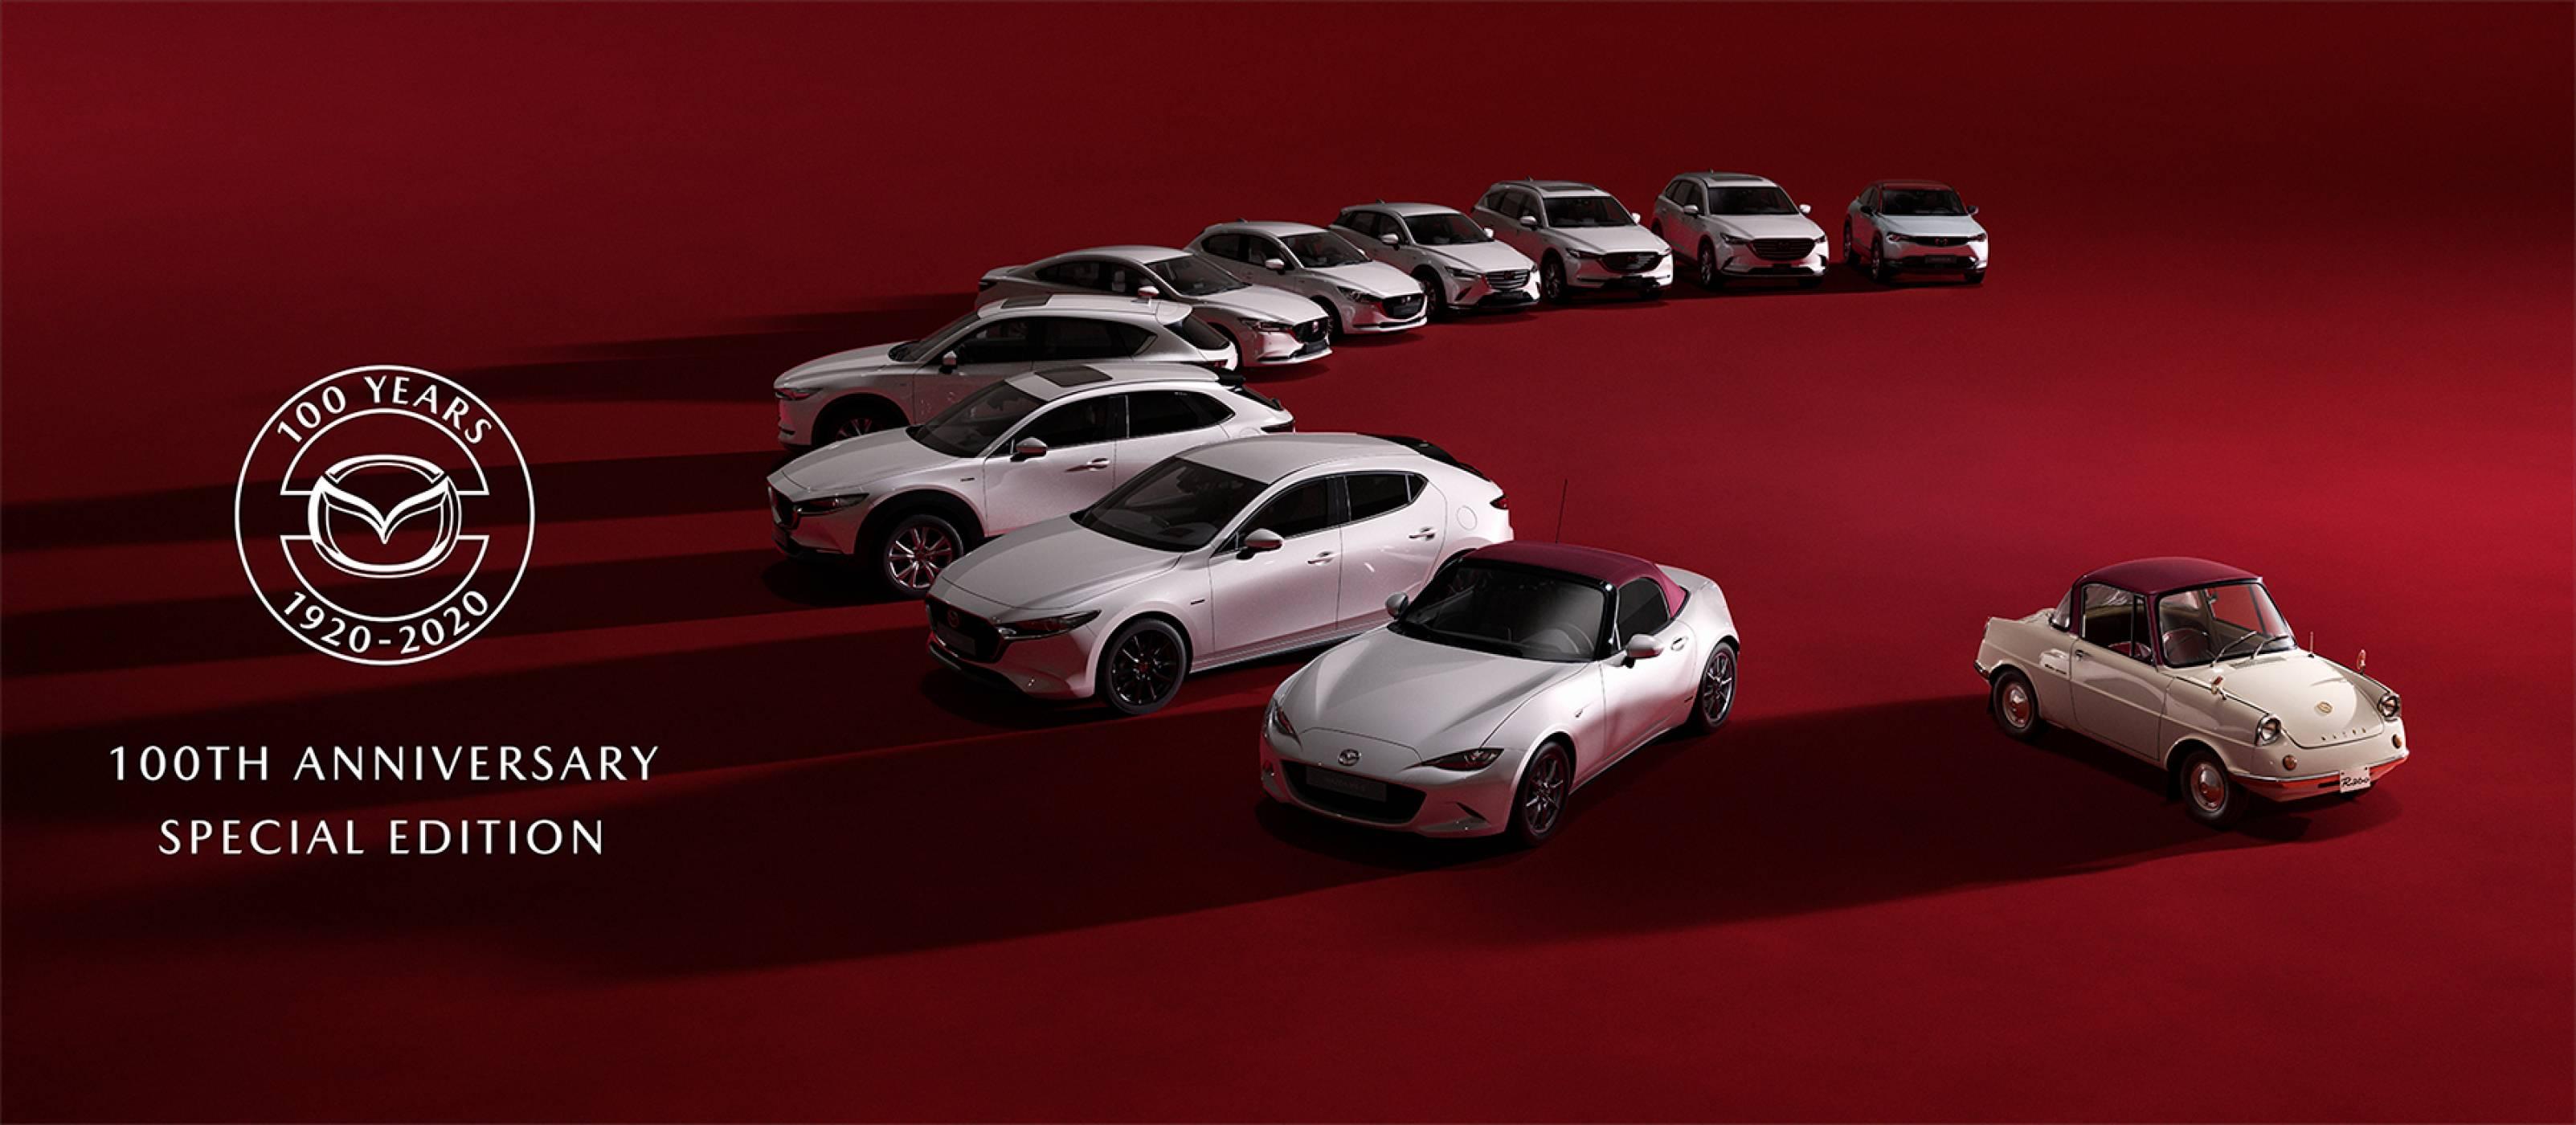 Mazda пуска куп нови модели за 100-годишнината си (ВИДЕО+СНИМКИ)